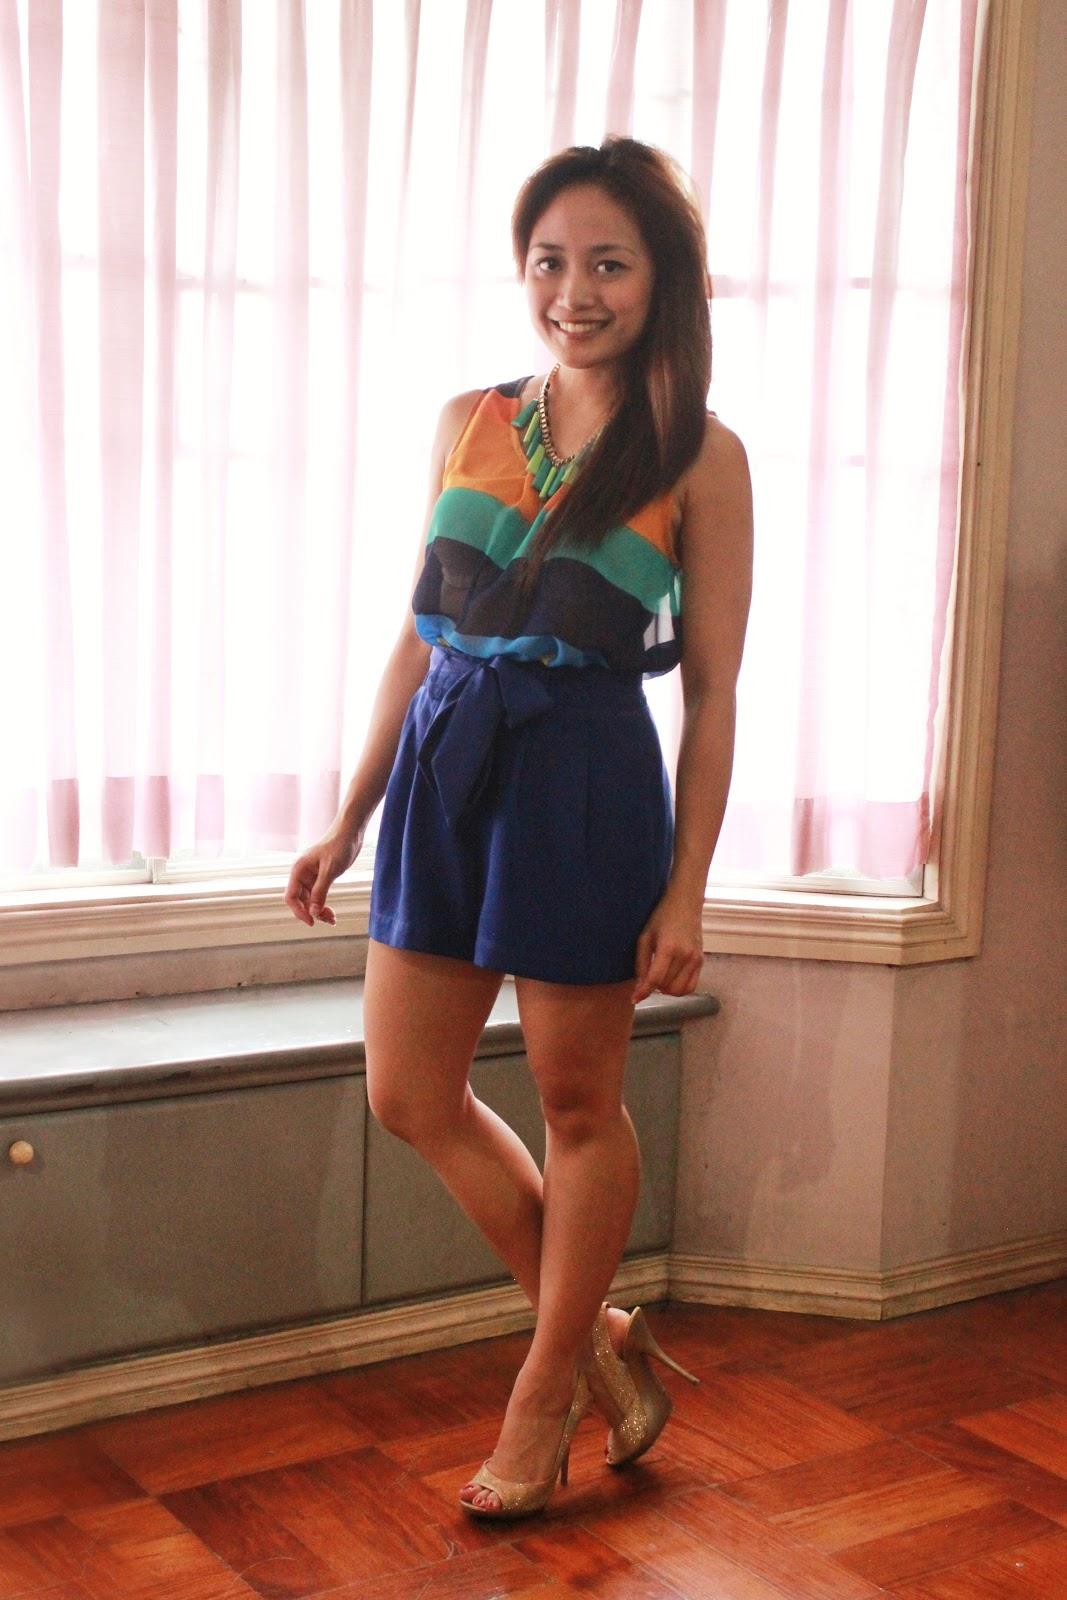 Jessica M. for the Closet Catwalk